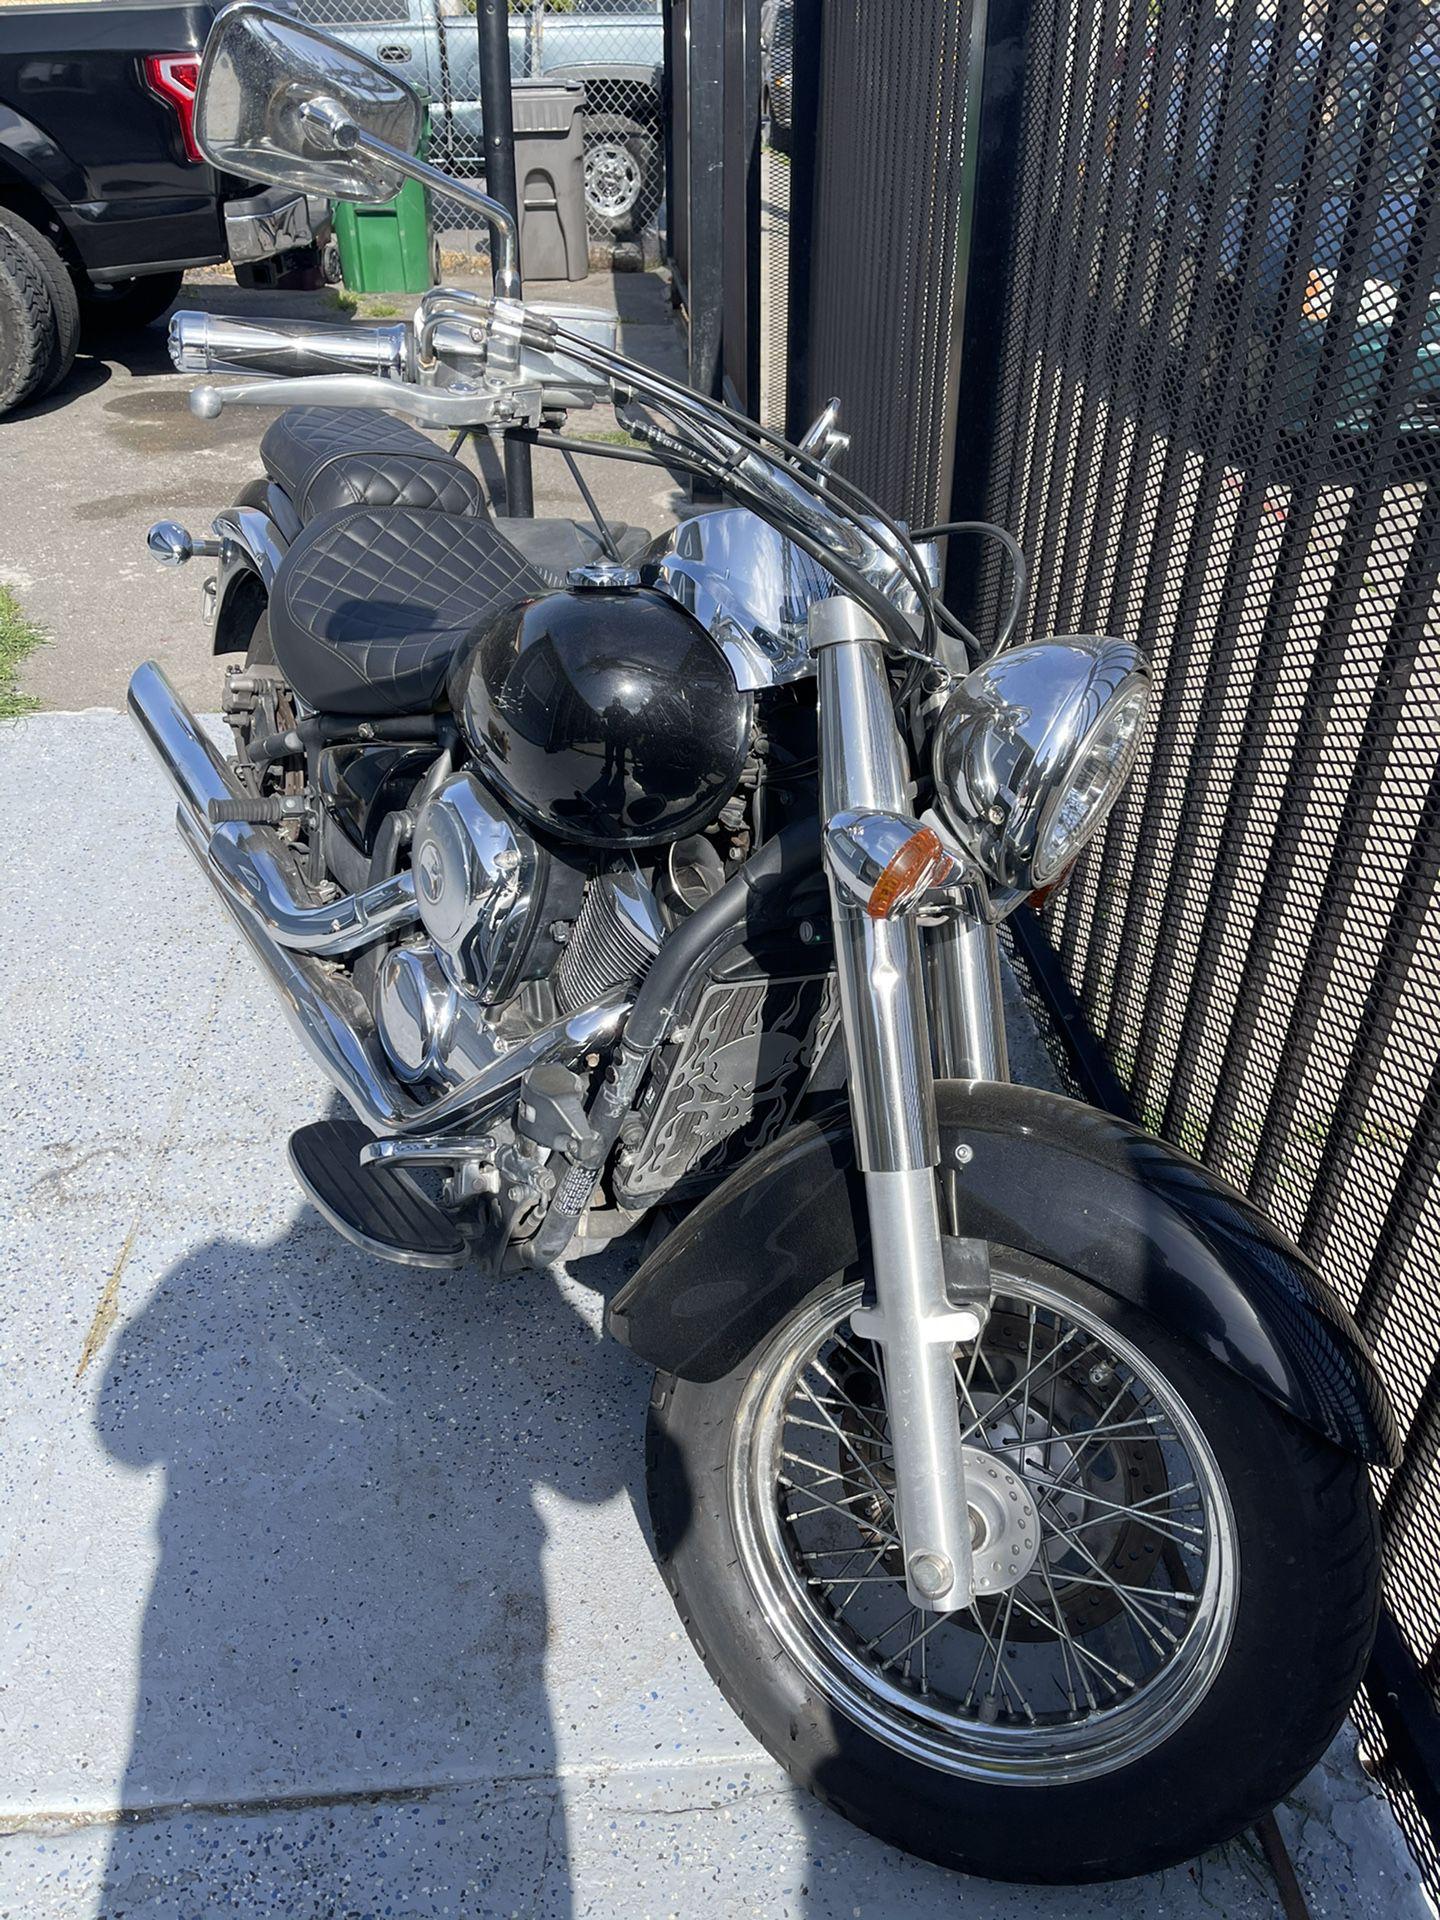 2008 Kawasaki Vulcan 900